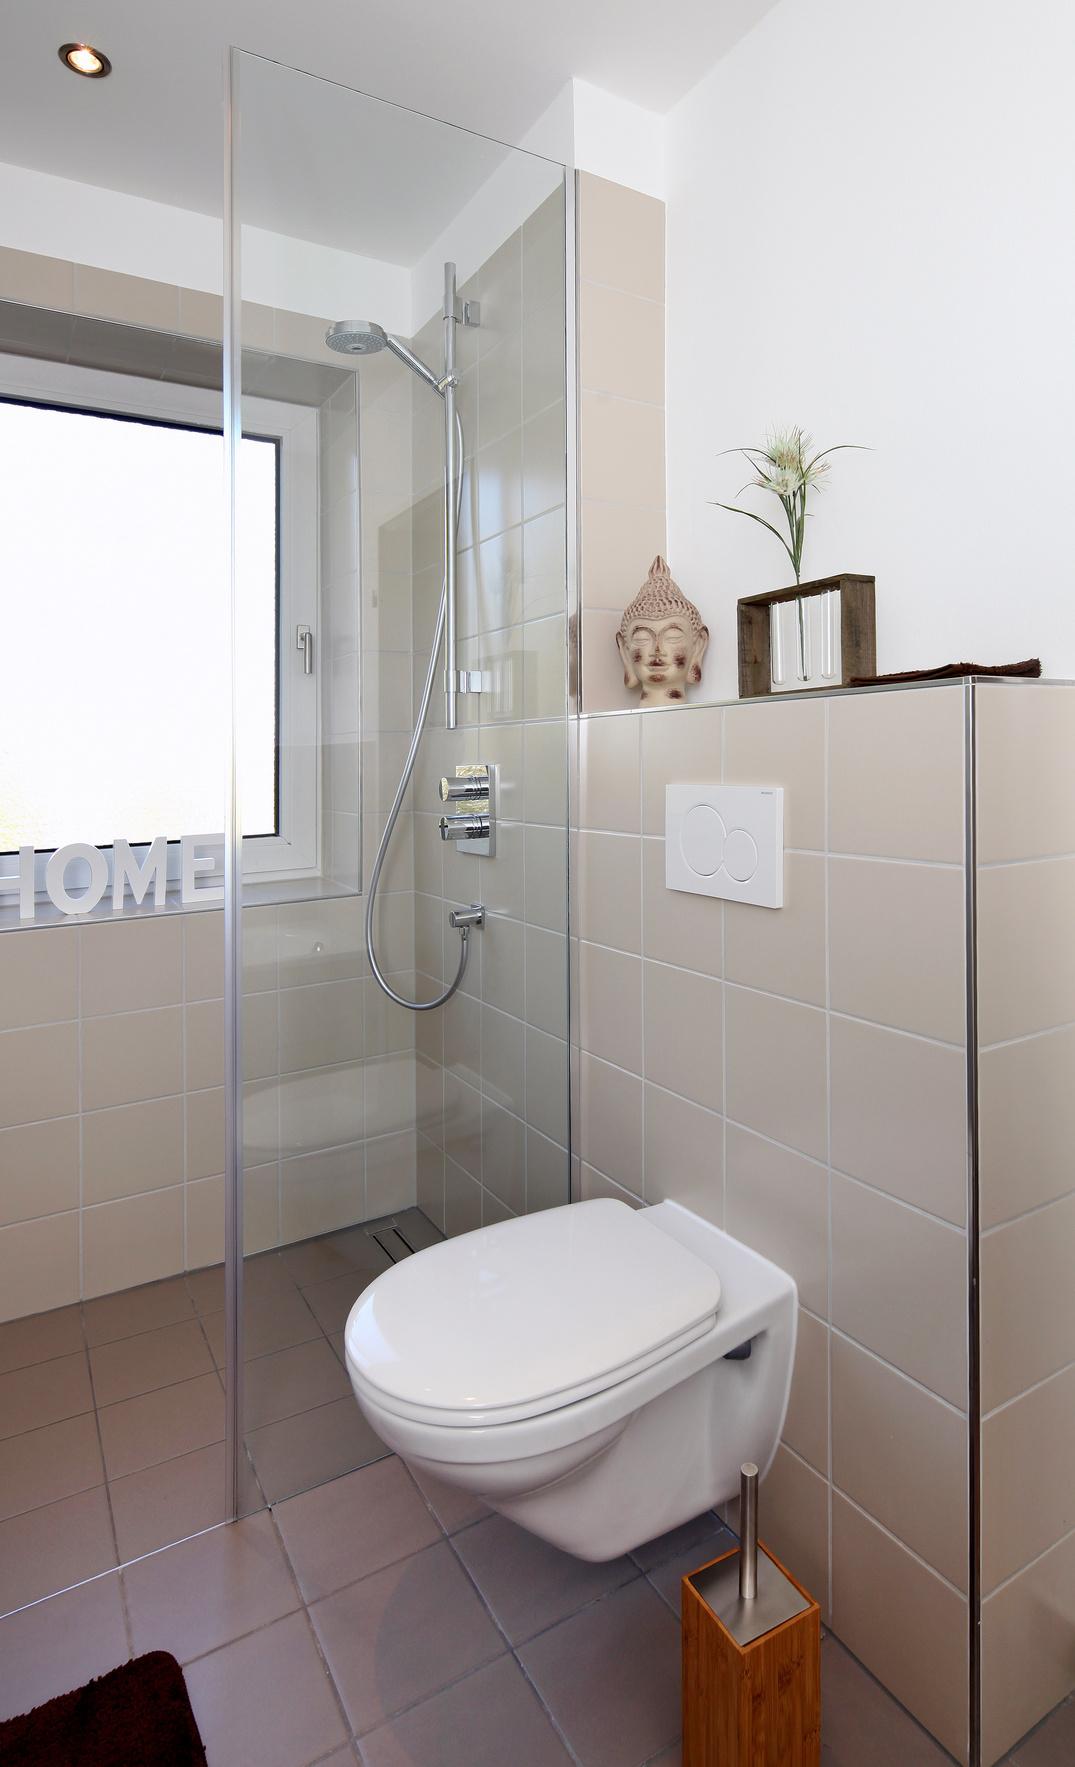 kantenprofile f r fliesen verschiedene profile setzen akzente brandst dter. Black Bedroom Furniture Sets. Home Design Ideas